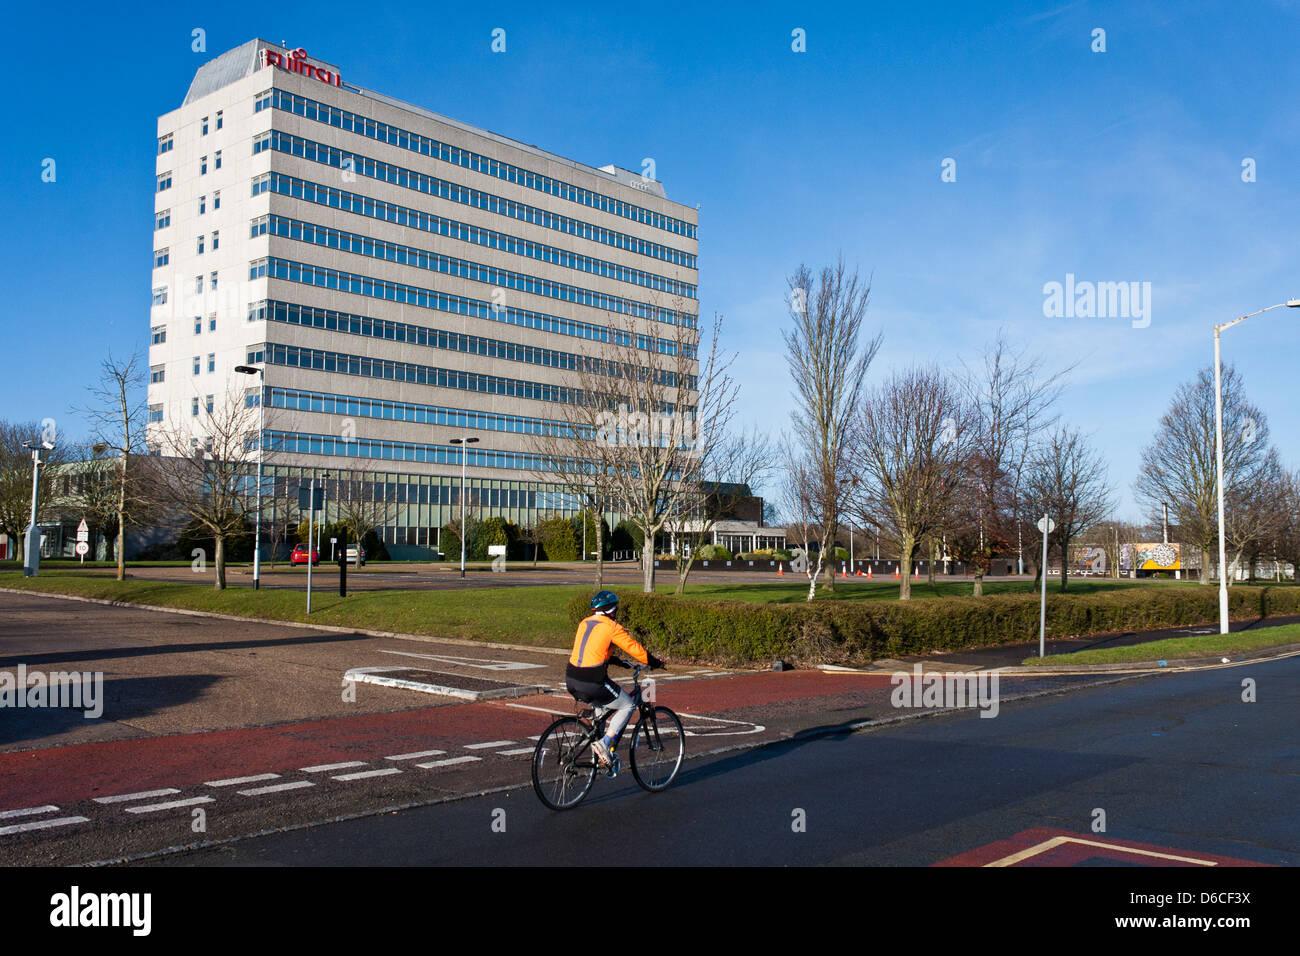 Fujitsu office building in Bracknell, Berkshire, UK Stock Photo